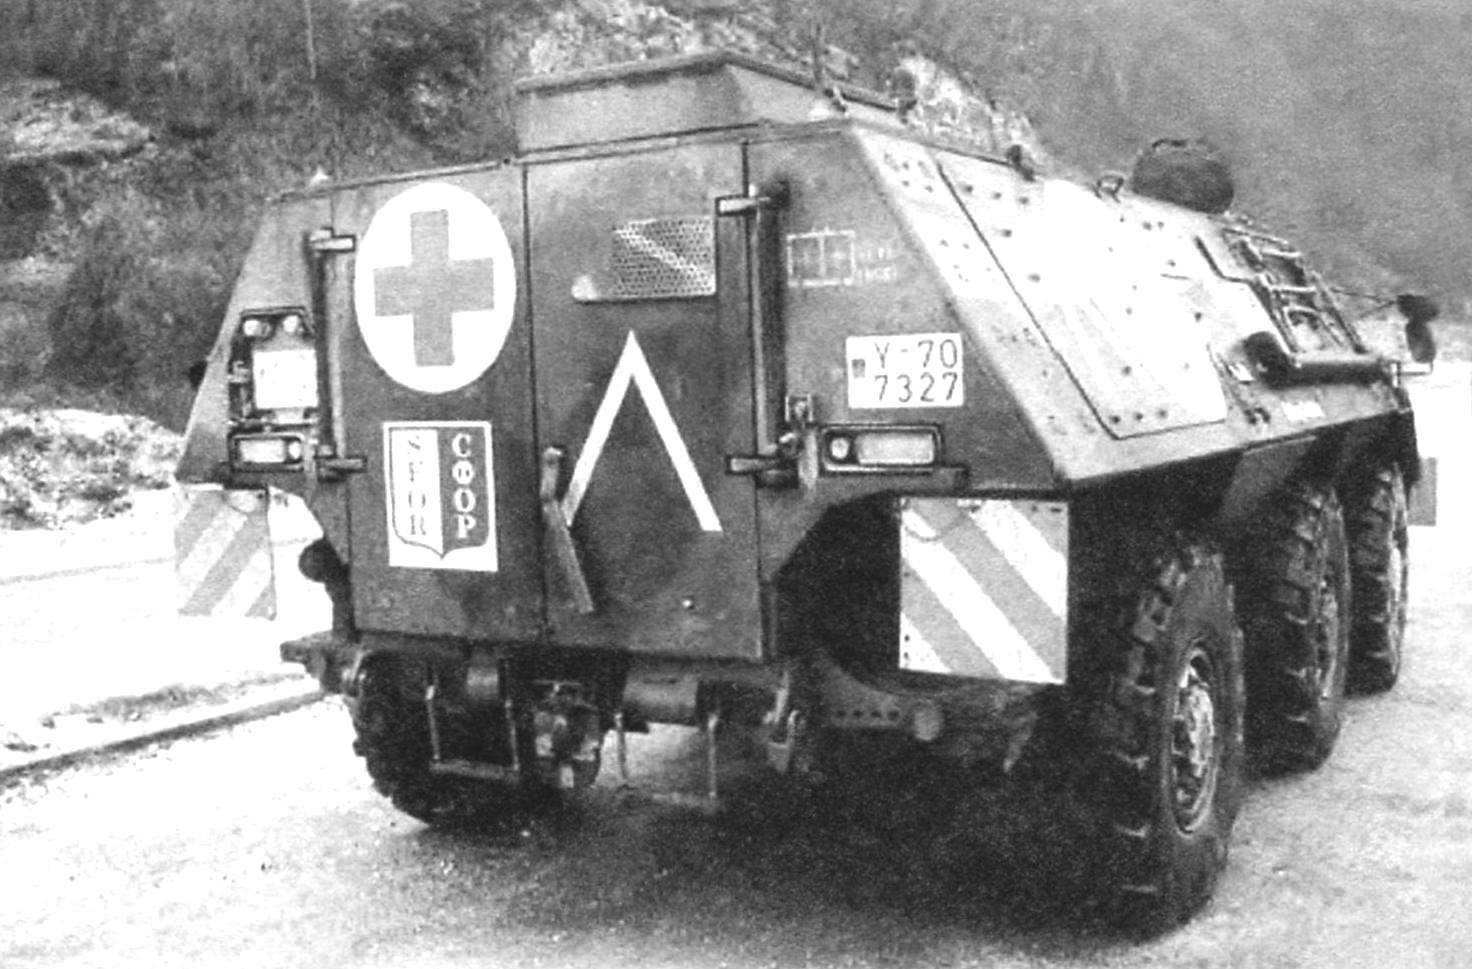 Санитарная модификация БТР «Фукс» для вывоза раненых с поля боя. Афганистан, сентябрь 2010 г.